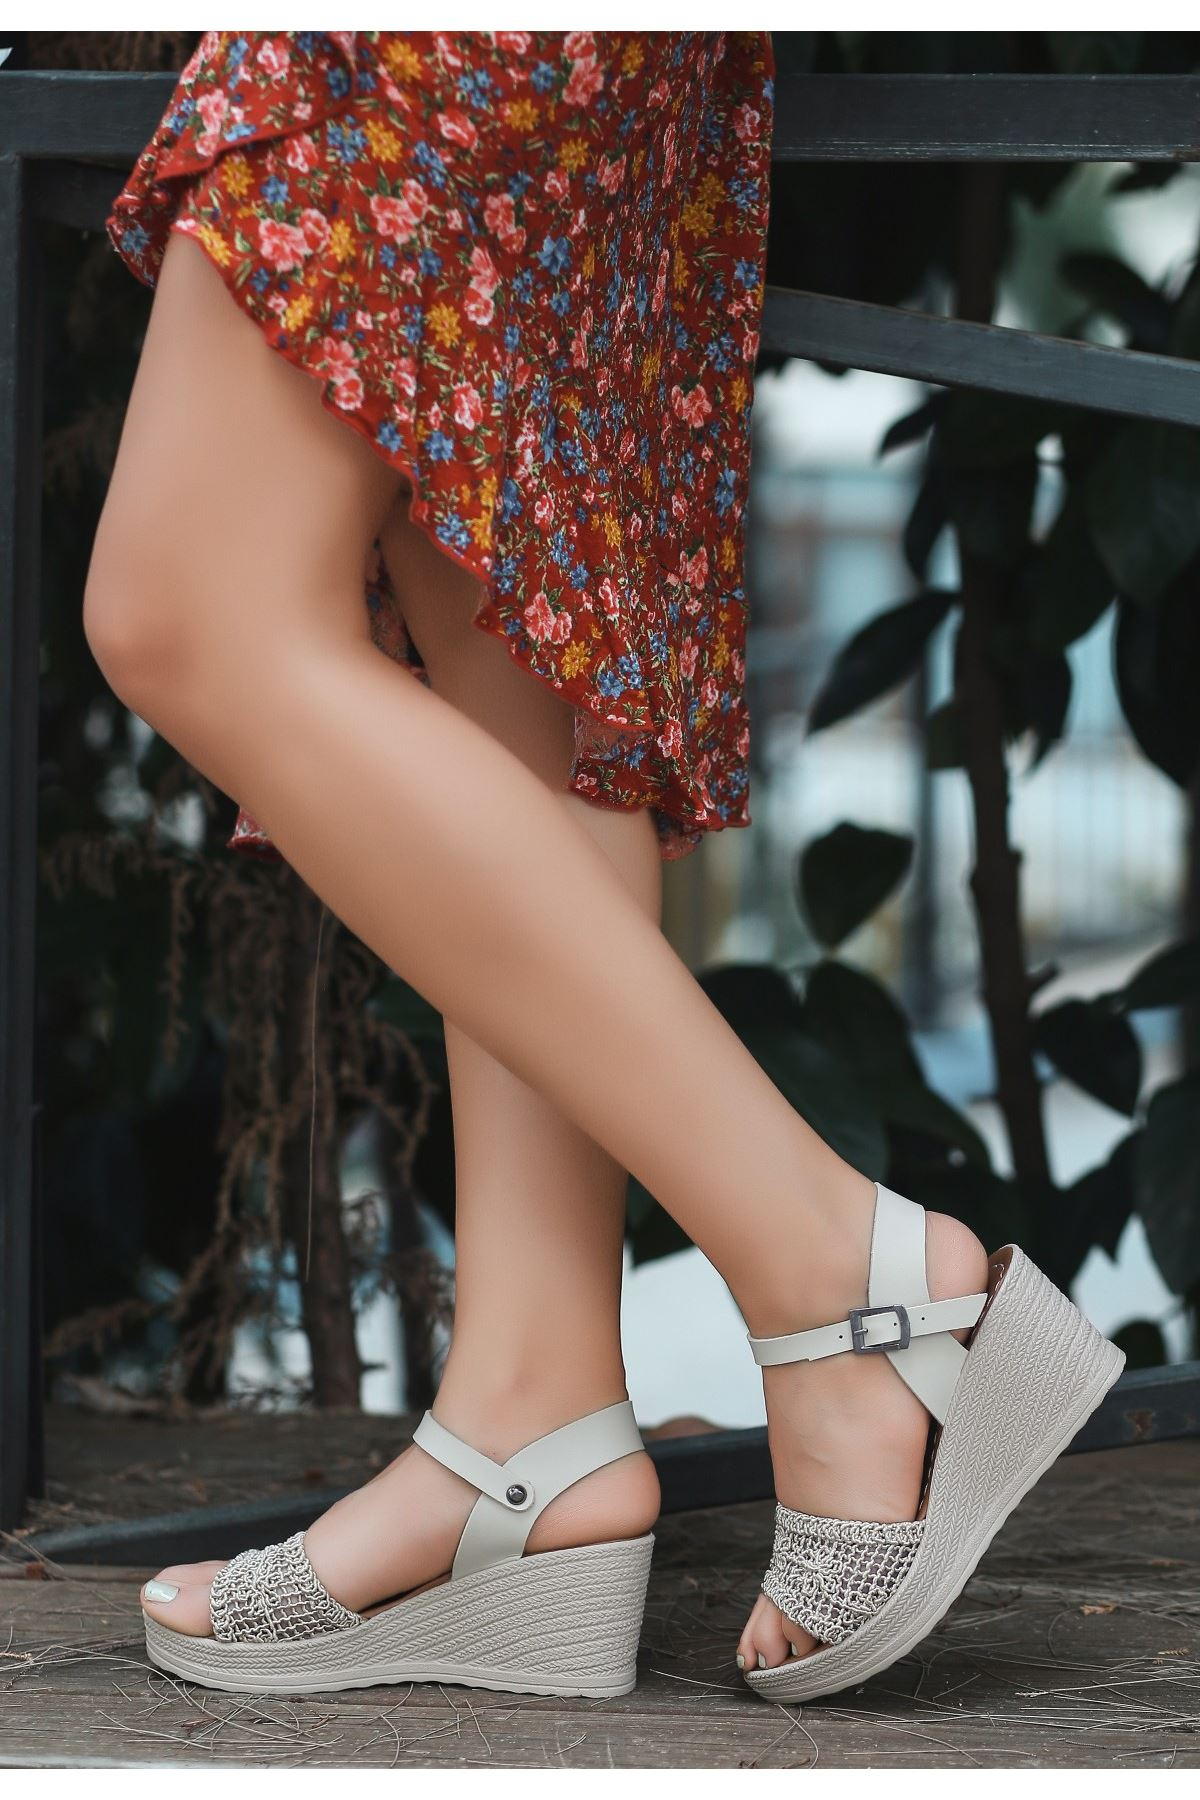 Vesu Ten Örgülü Dolgu Topuk Sandalet